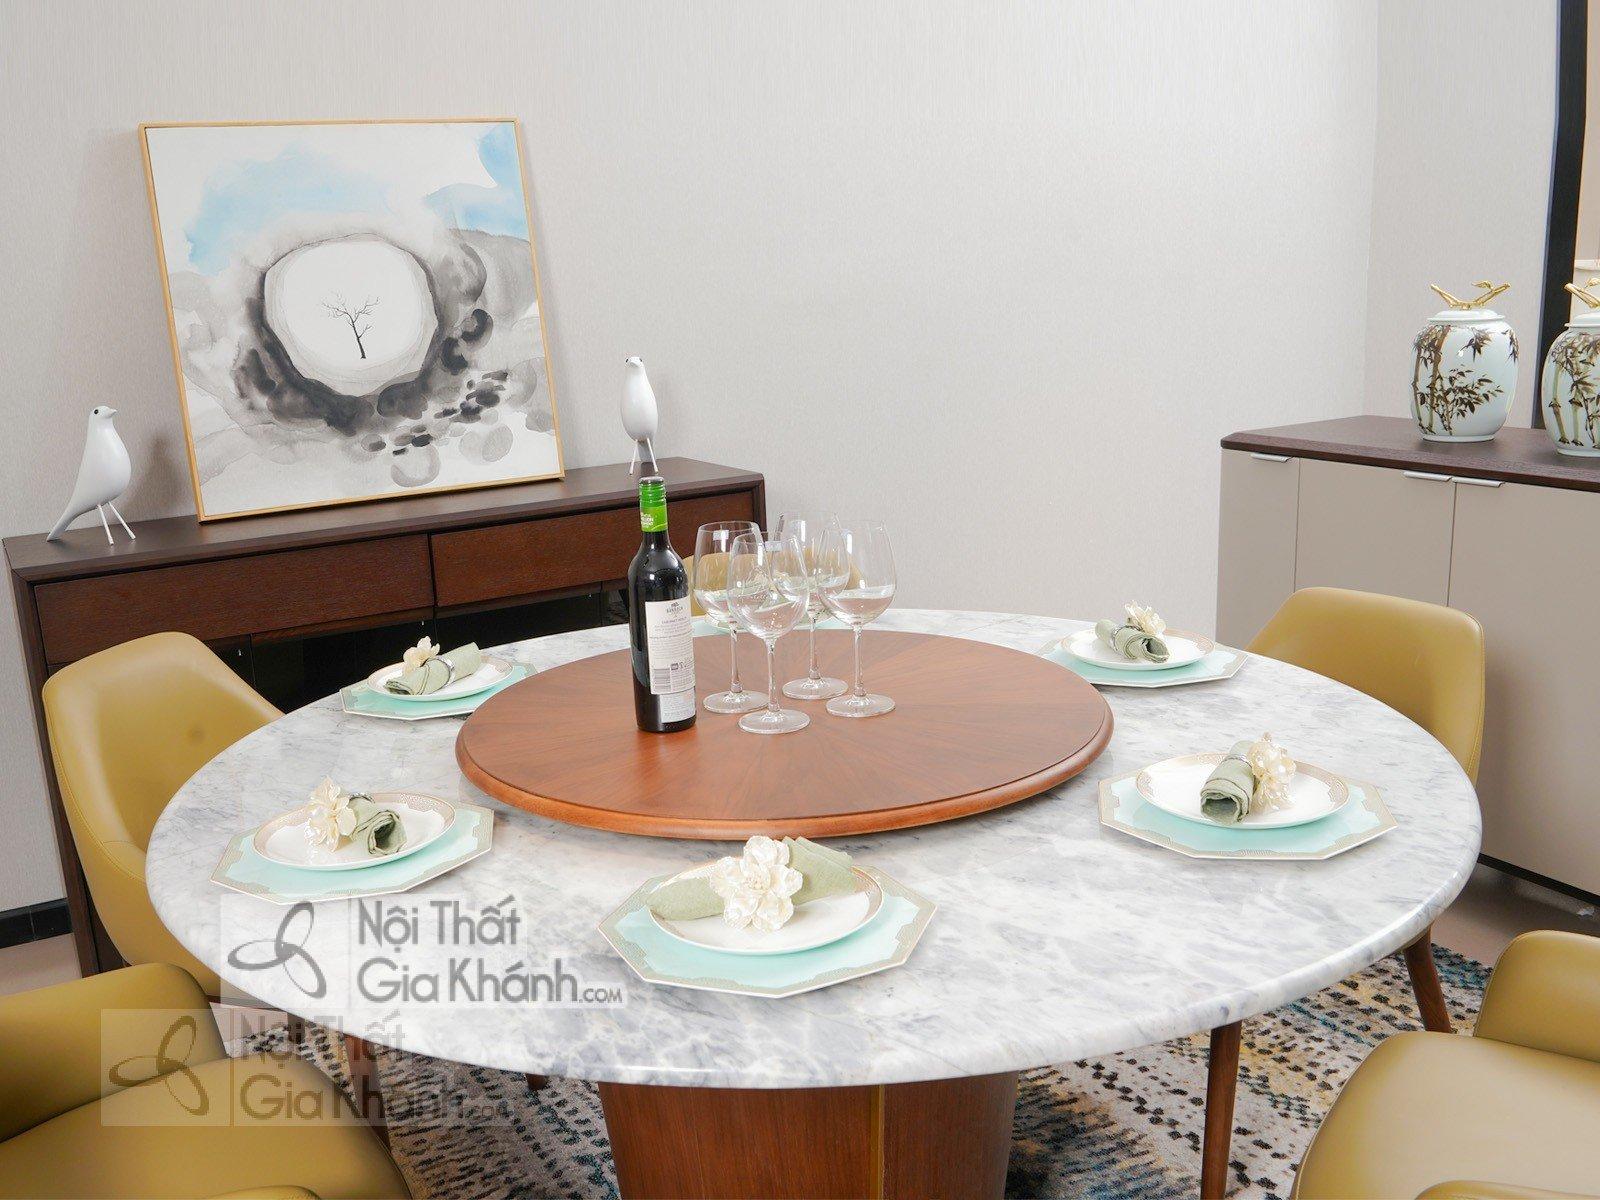 Tuyển tập mẫu bàn ăn gỗ đỏ đẹp sang trọng - tuyen tap mau ban an go do dep sang trong